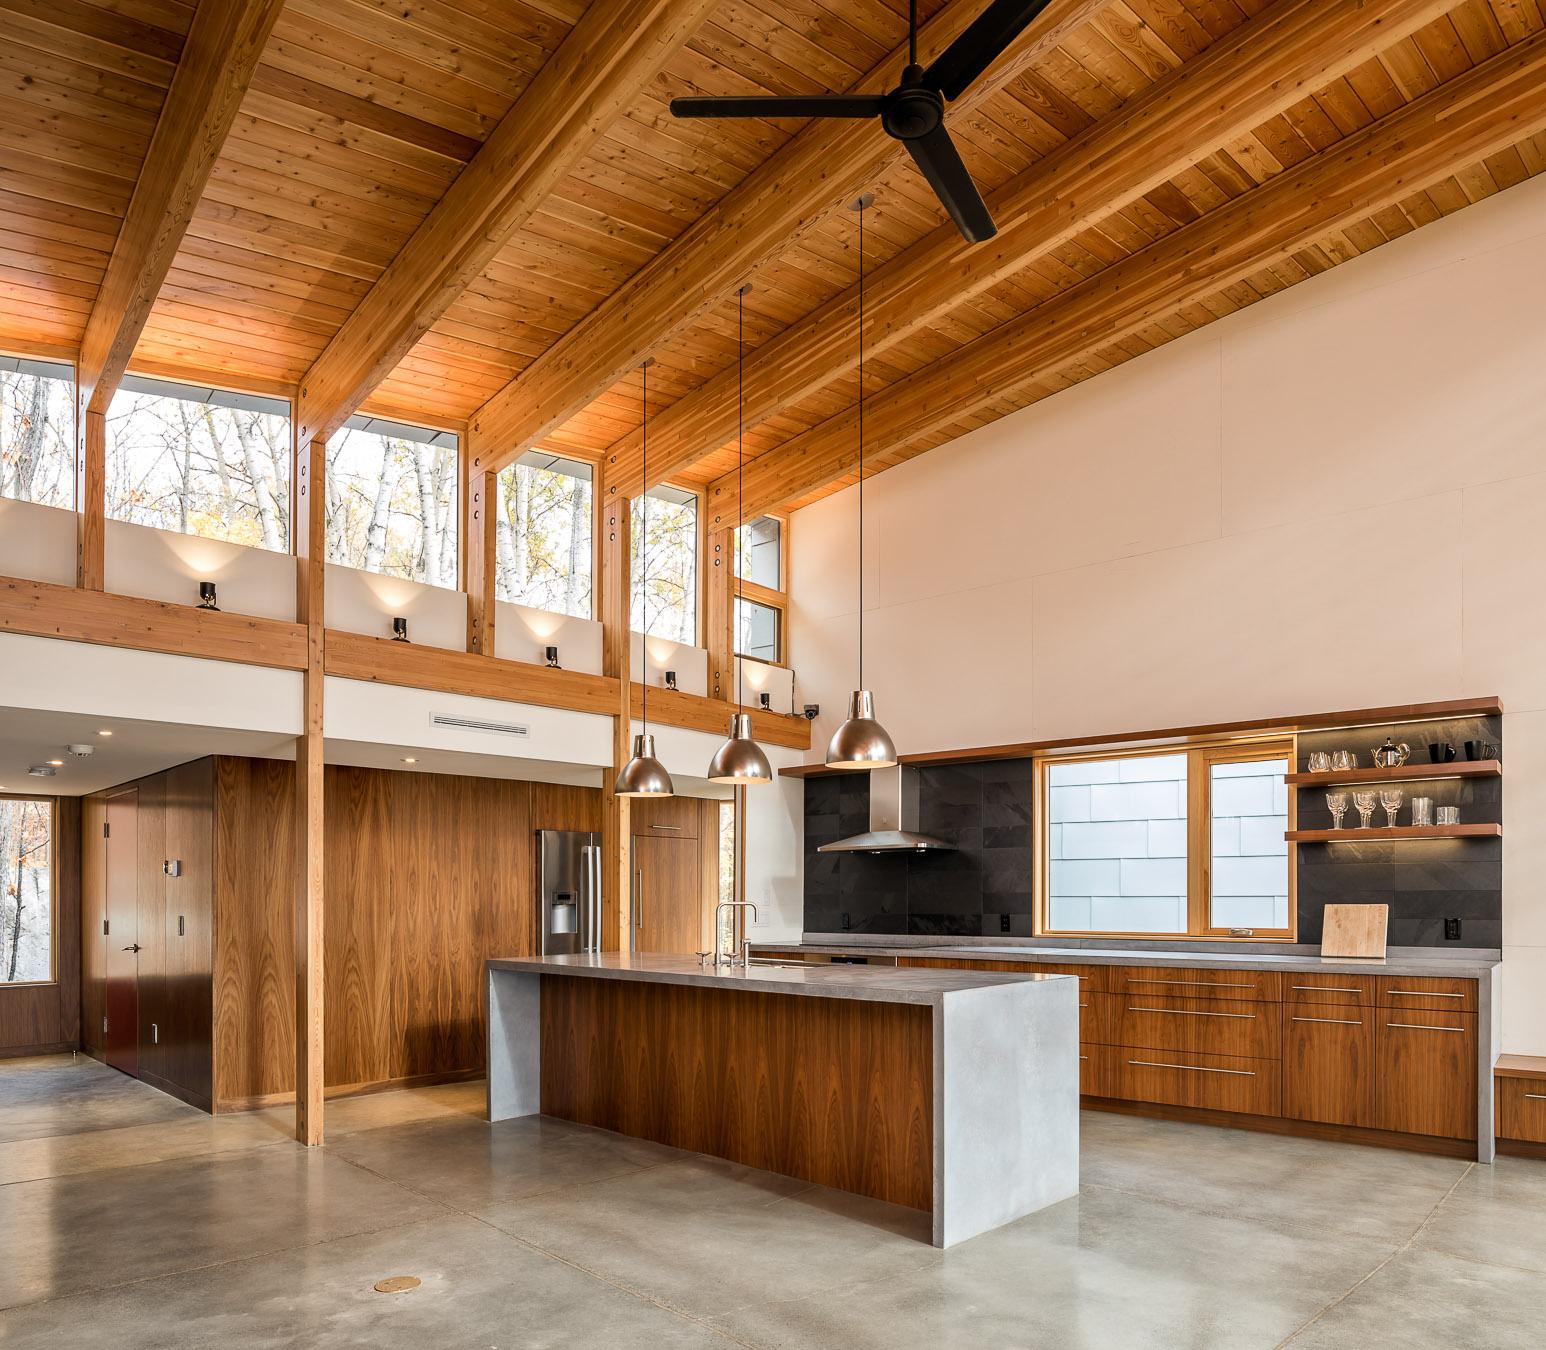 Oblong Lake Interior Kitchen 1